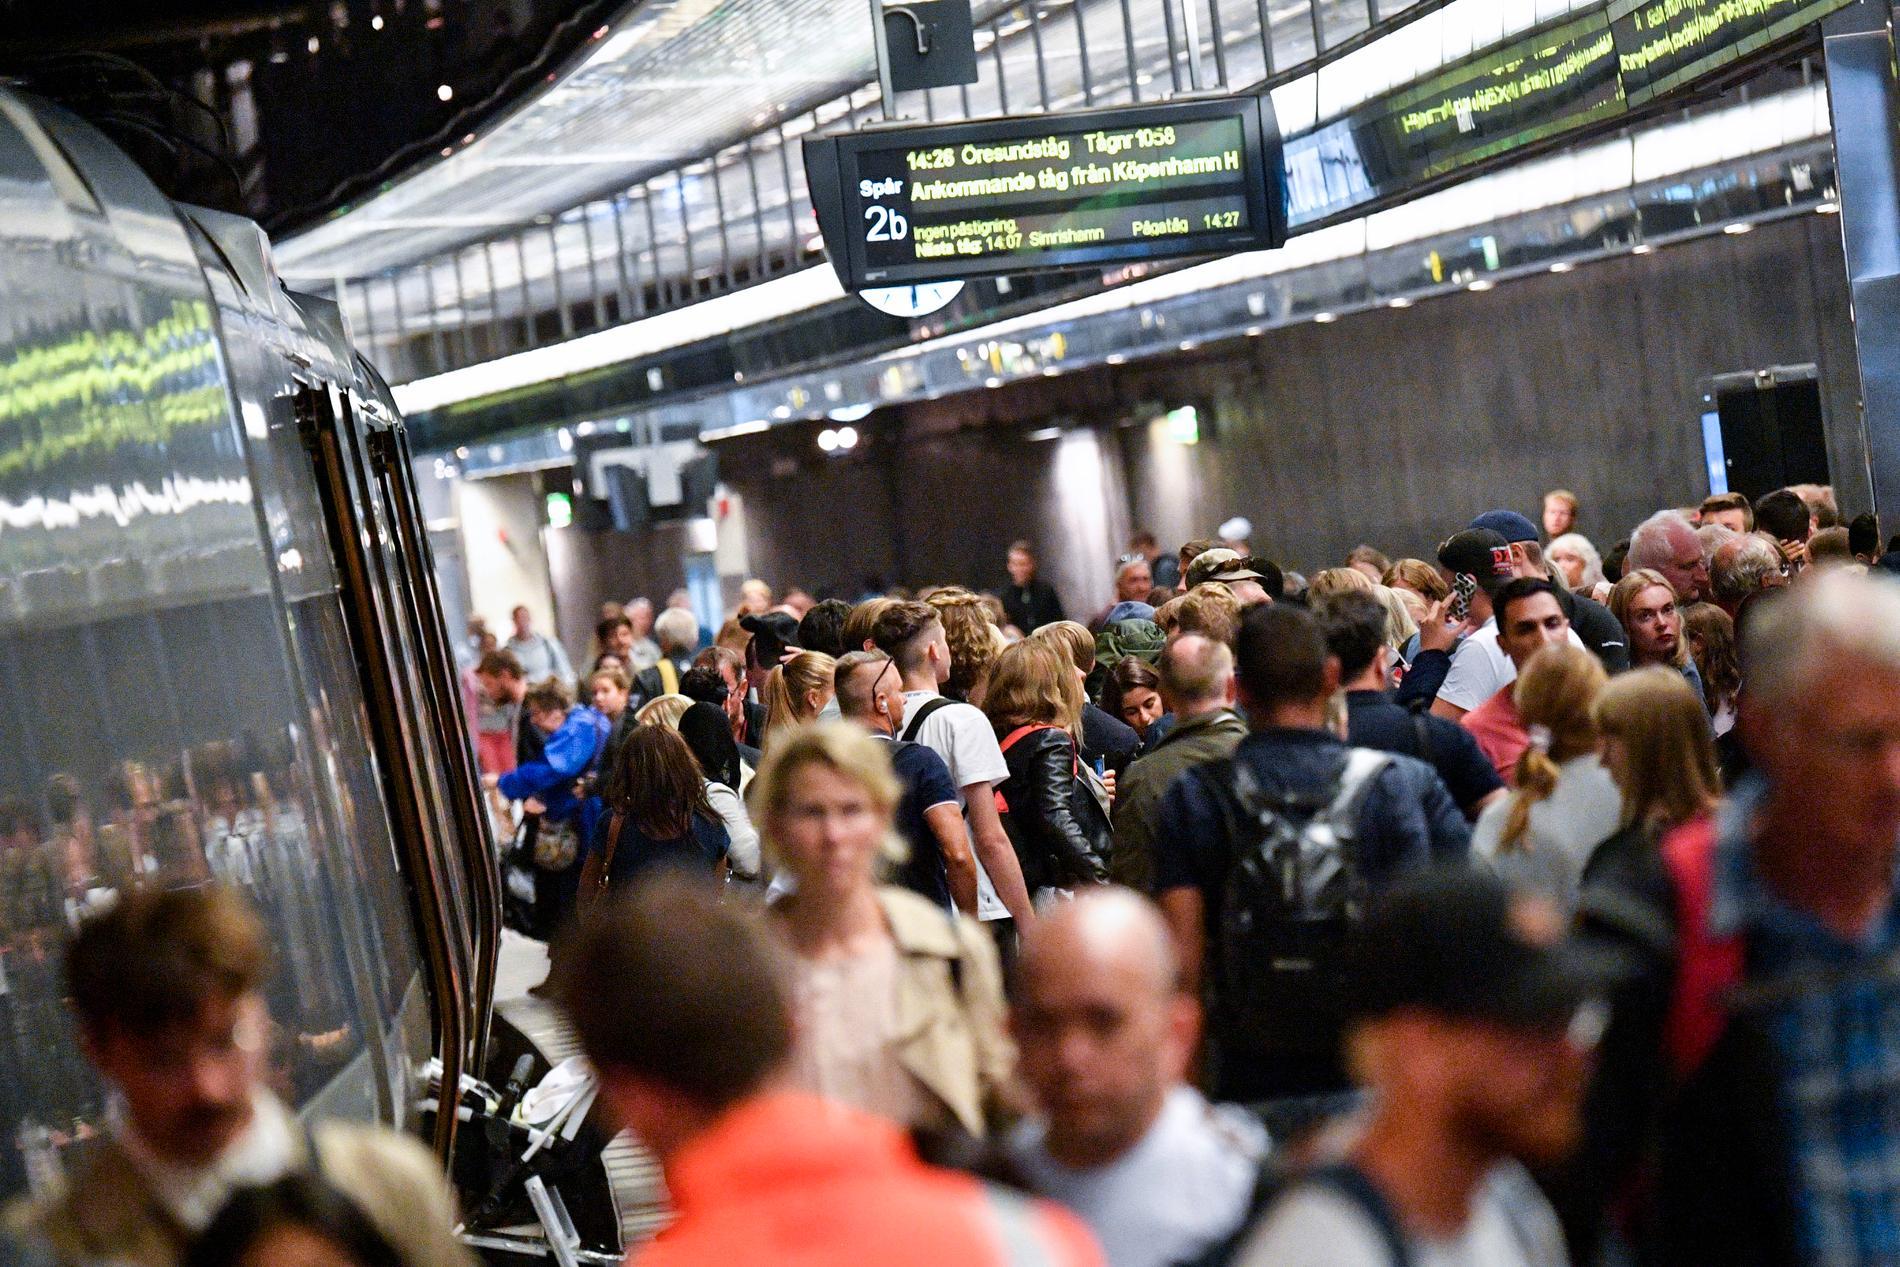 Öresundstågen. Personerna på bilden har inget men händelsen på tåget att göra.